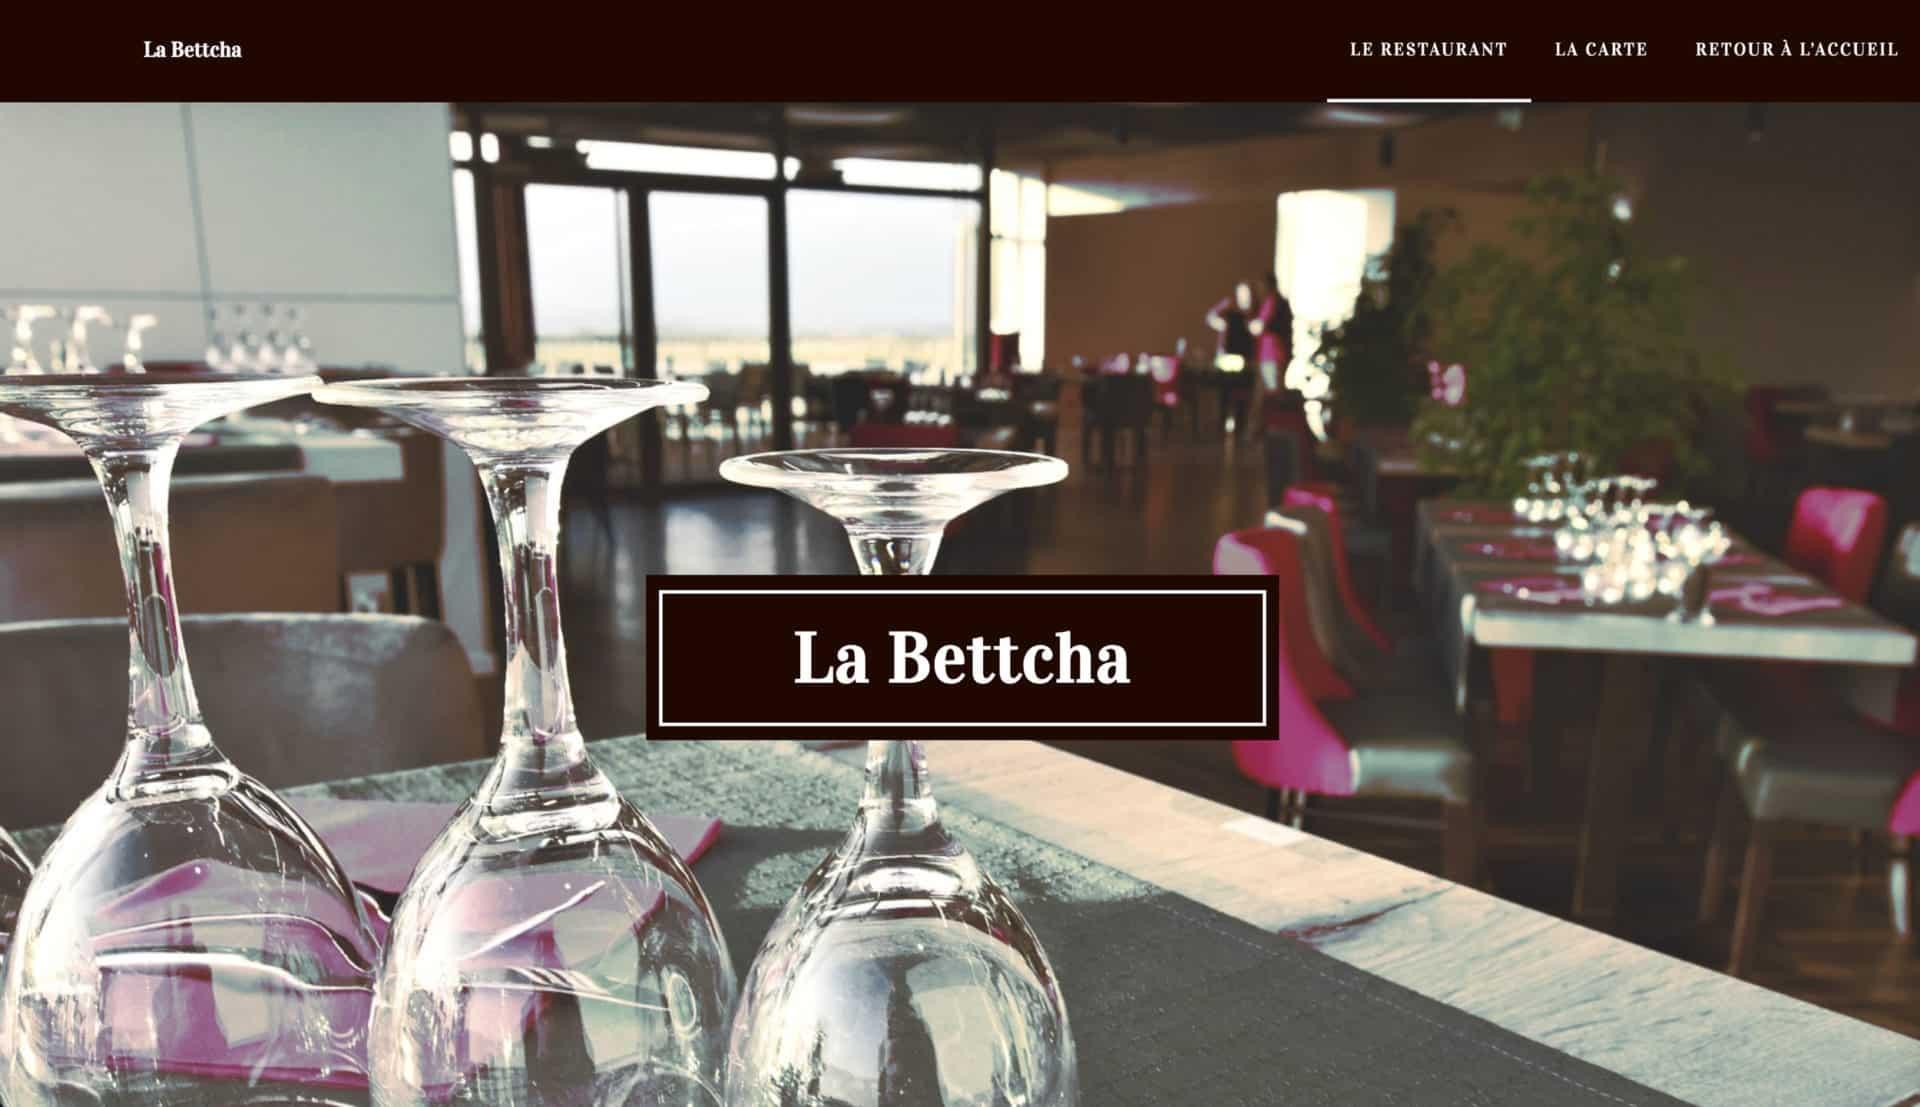 accueil restaurant carte